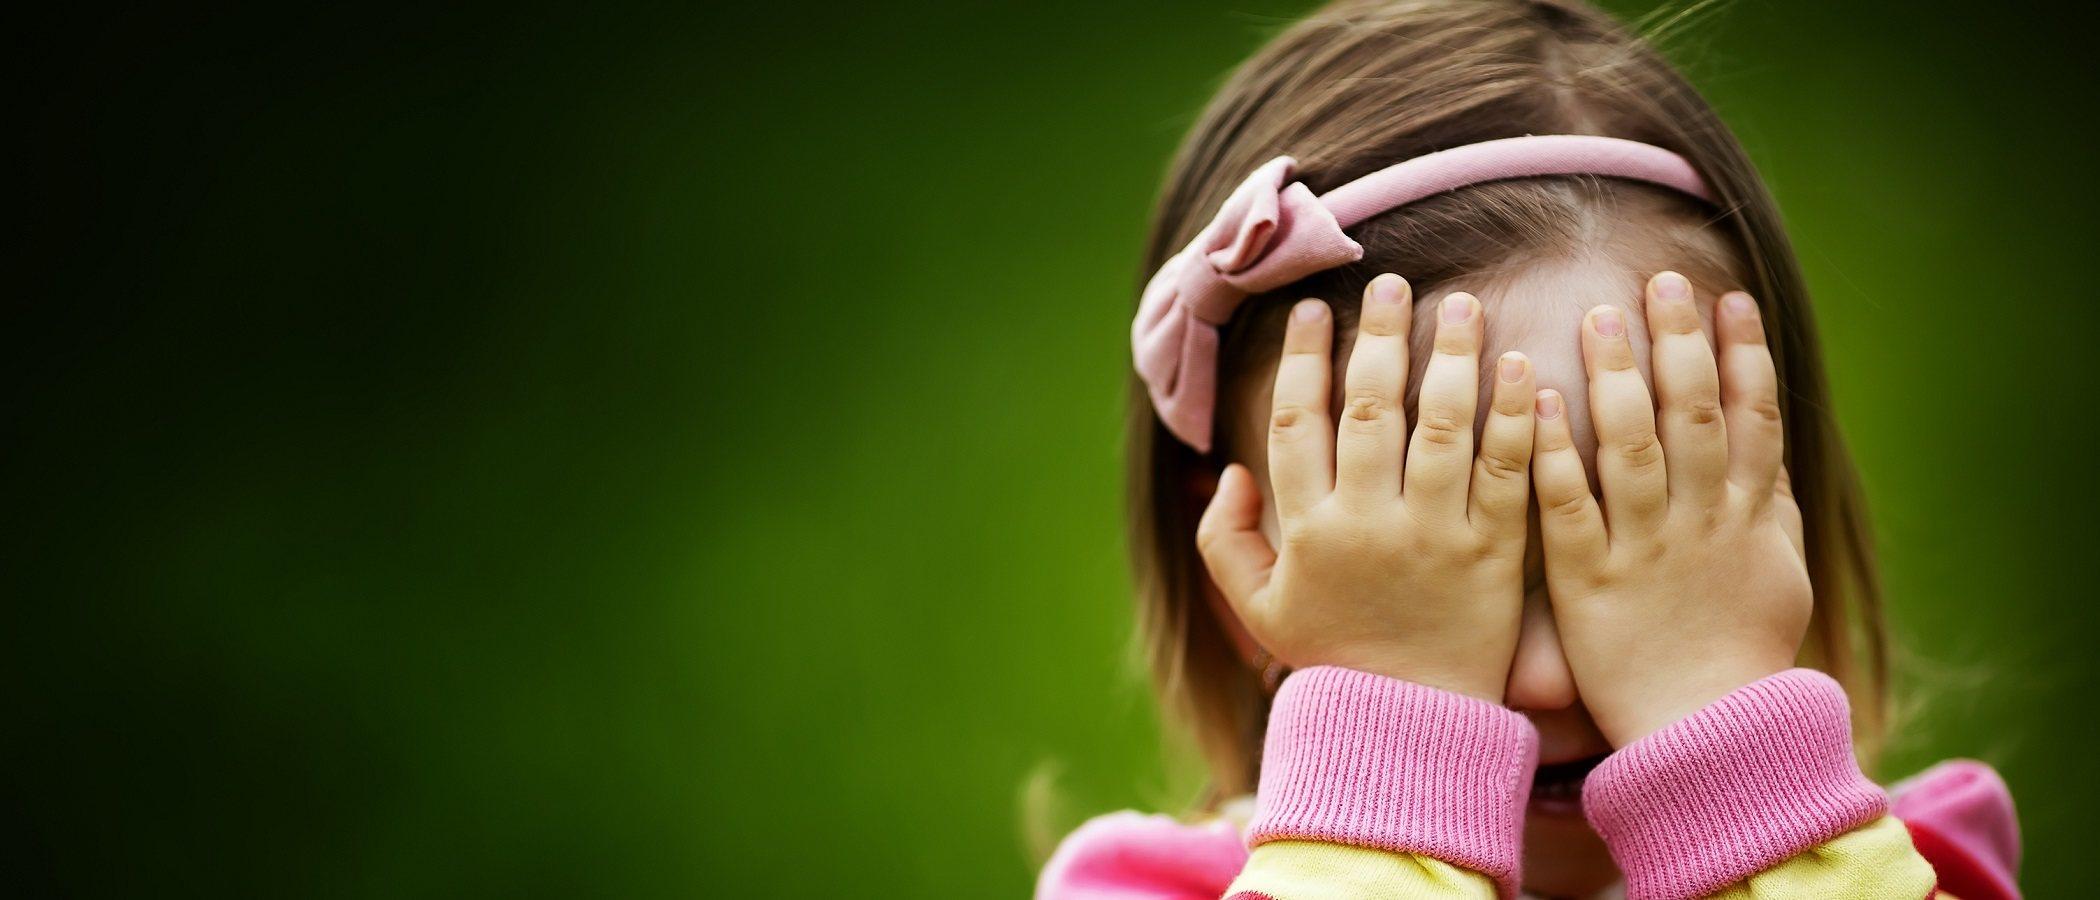 Cómo superar la timidez en la infancia